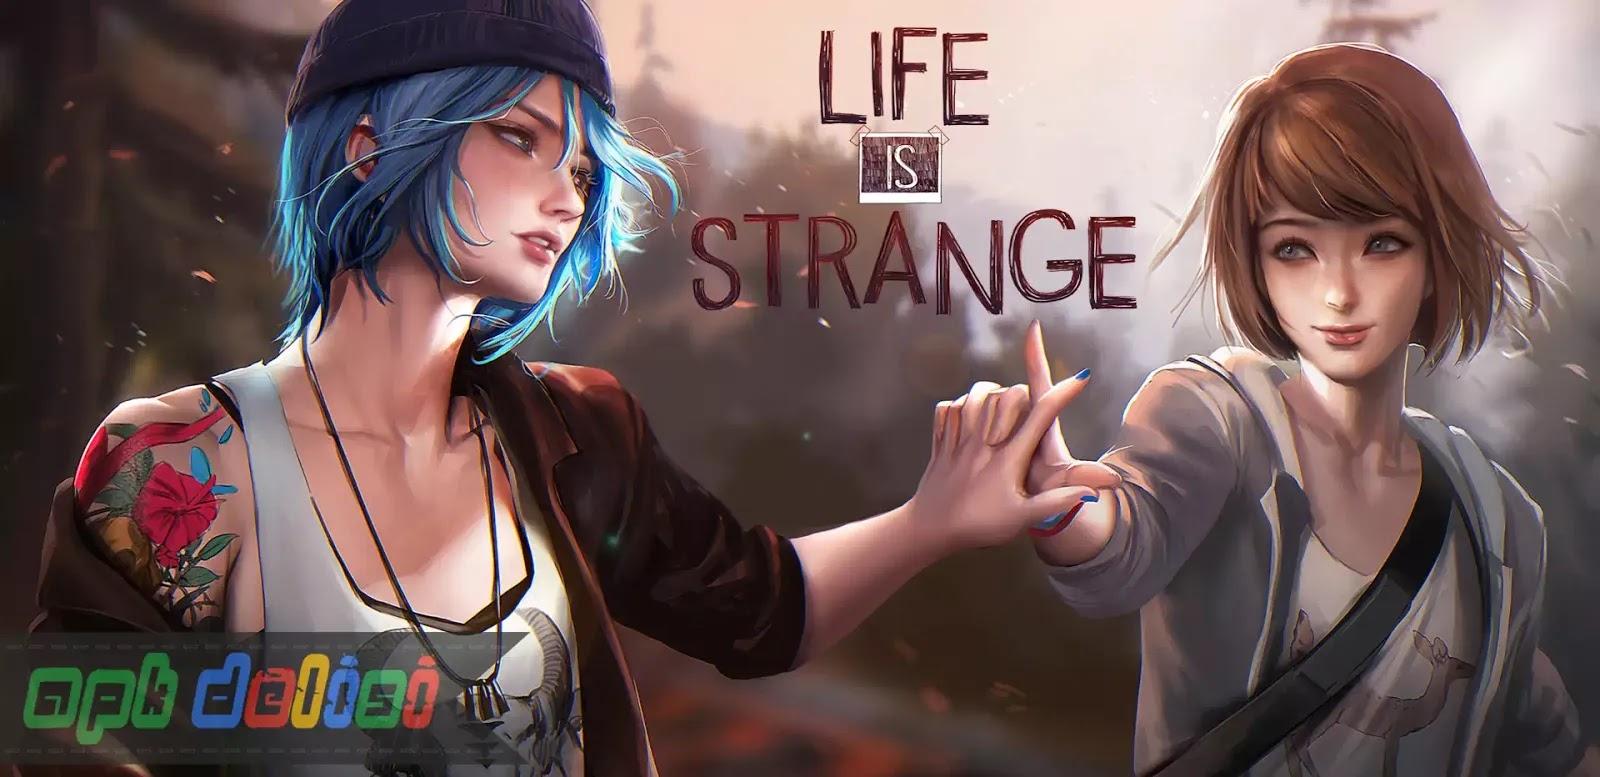 Life is Strange v1.00.296 FULL APK — TÜM BÖLÜMLER AÇIK